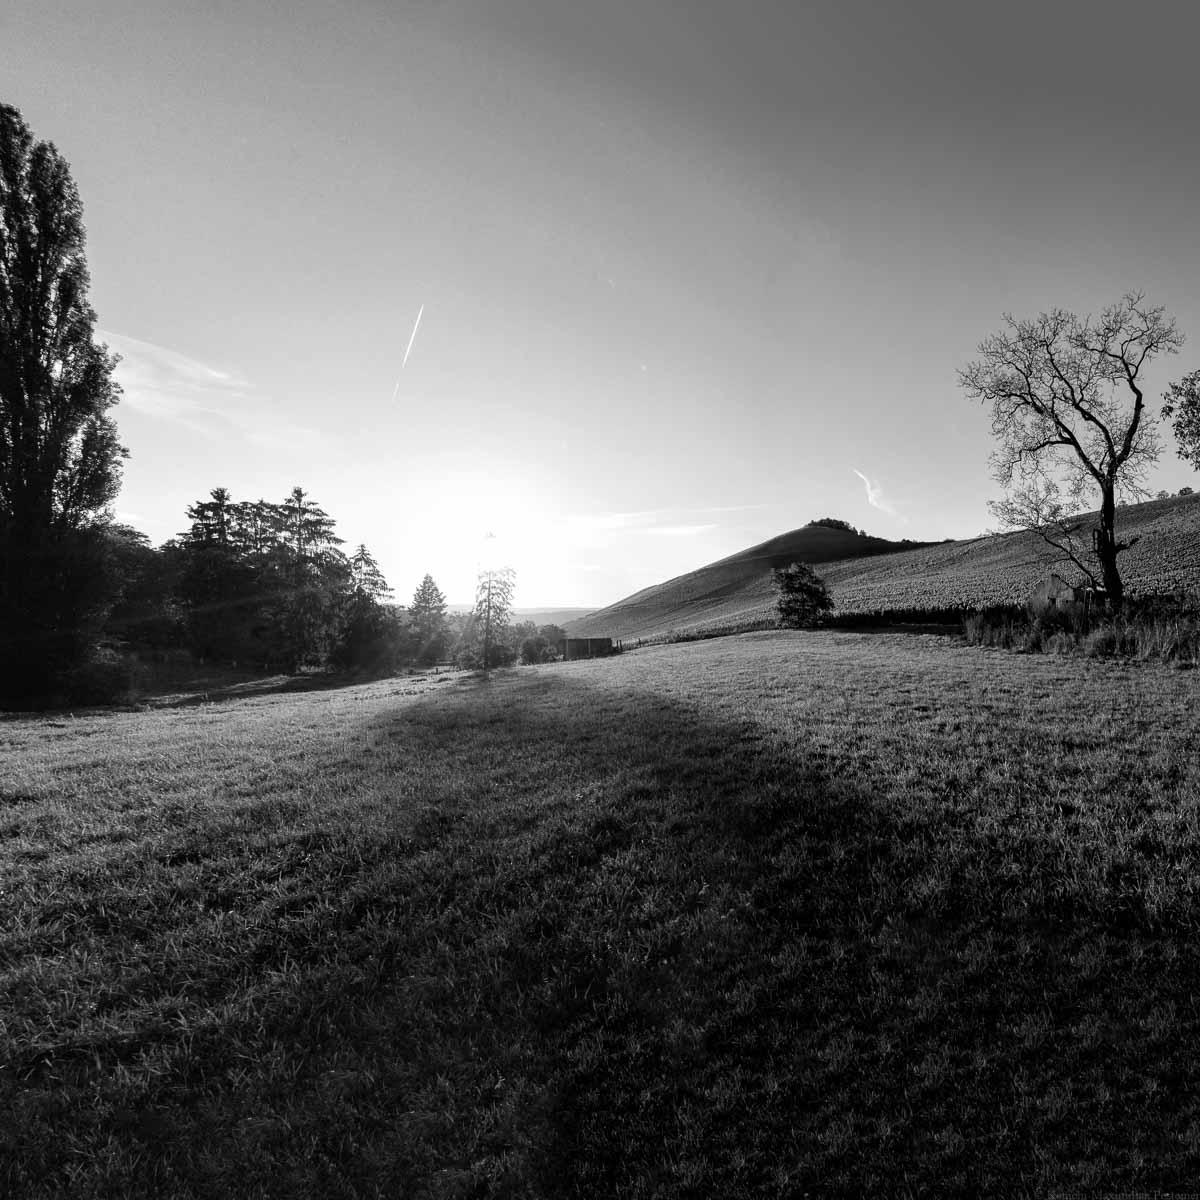 Foto in Schwarz und Weiß. Sonnenuntergang am Weinberg Wiltinger Scharzhofberger. Vorne ist eine Wiese. Links sind Bäume und der Scharzhof. Der Himmel ist rötlich und blau.